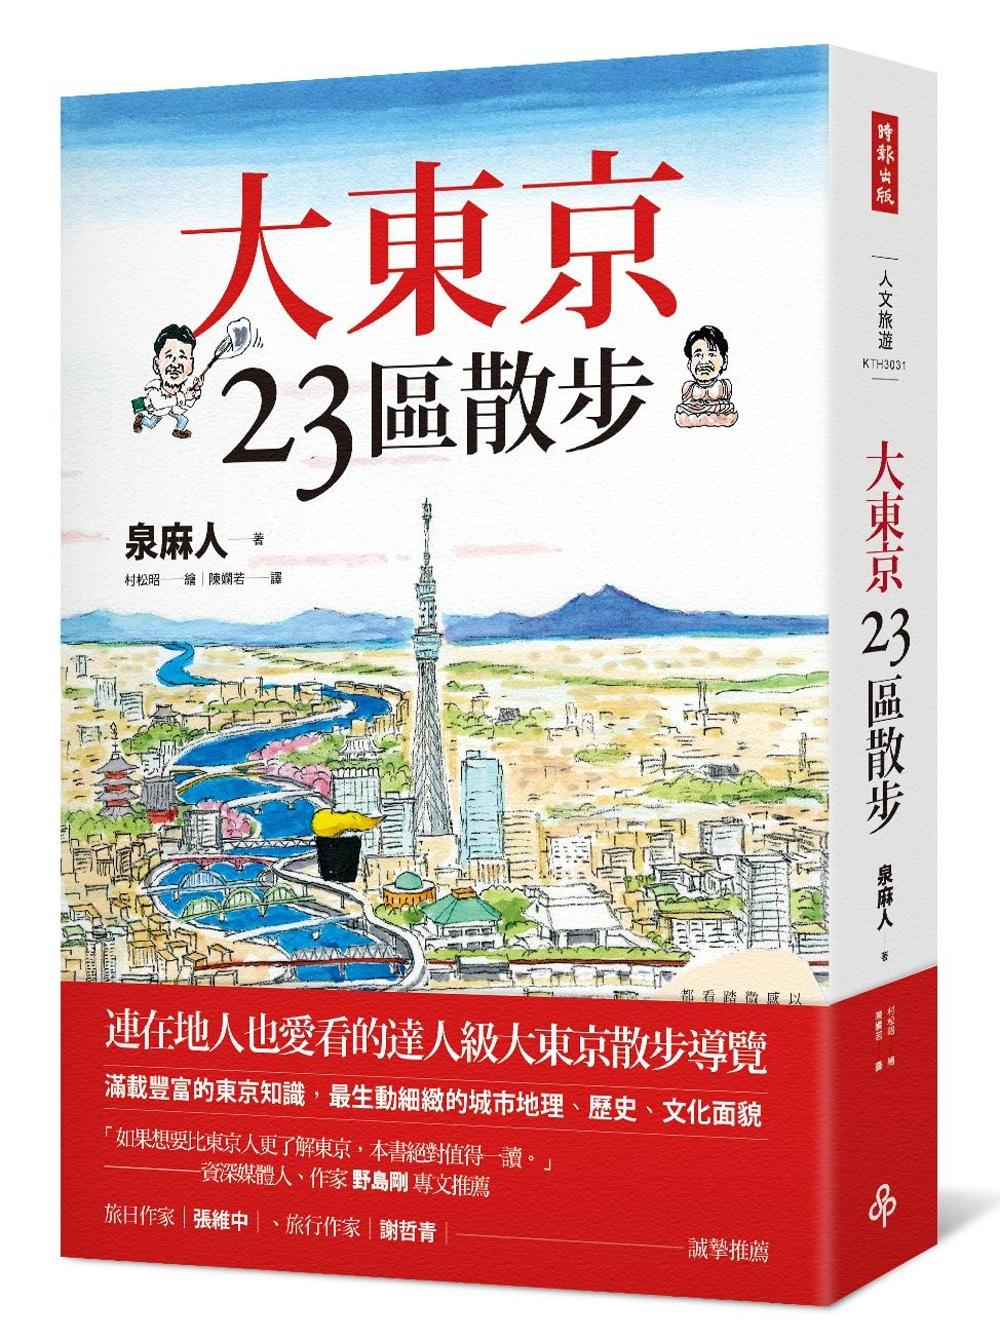 大東京23區散步